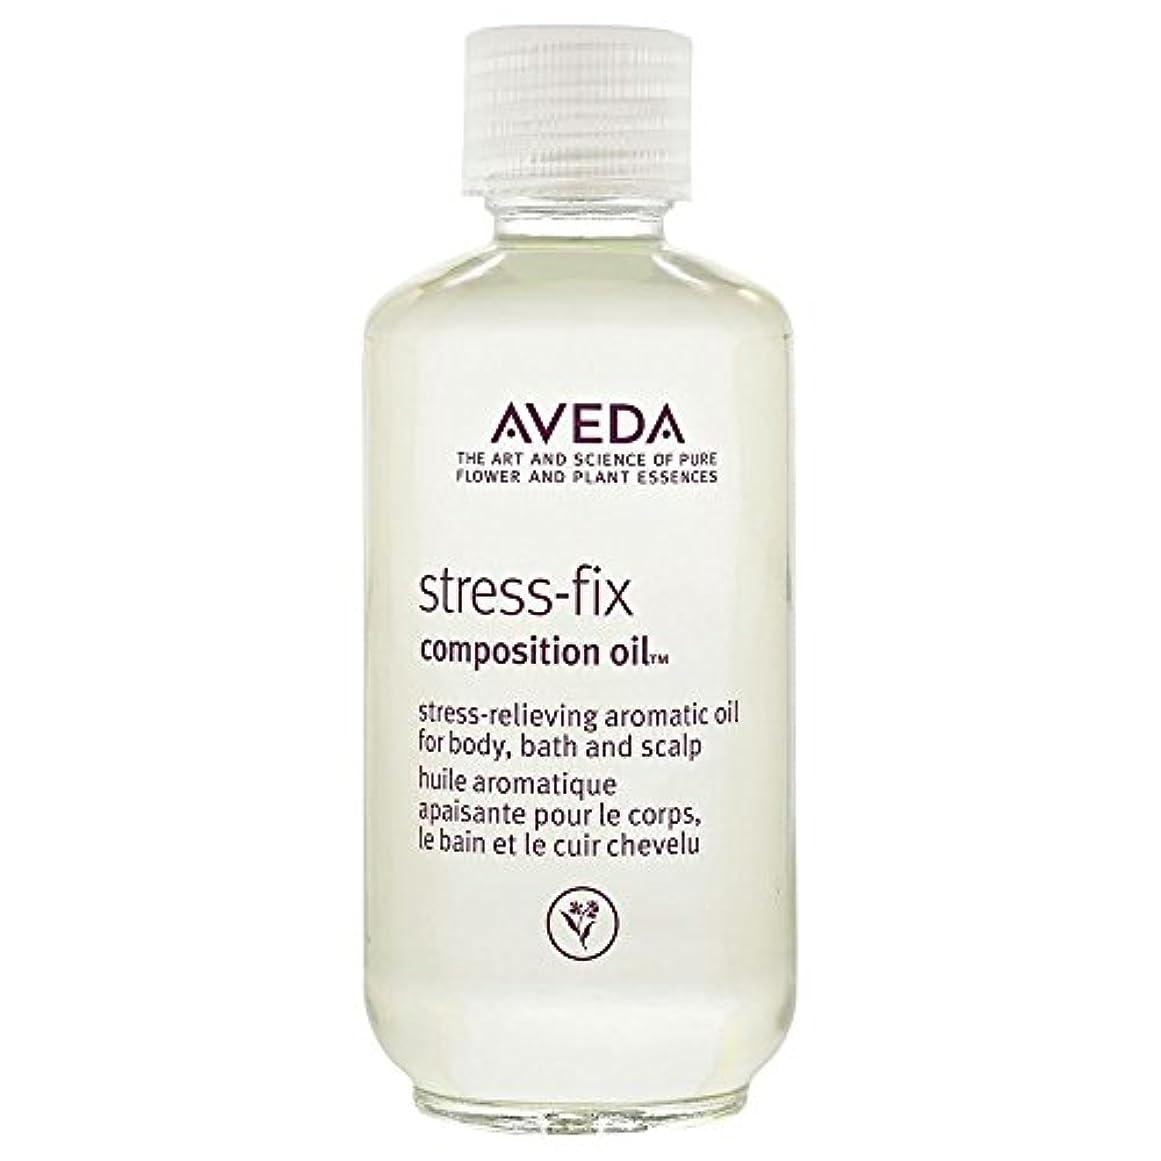 製油所フローチャップ[AVEDA] アヴェダストレスフィックス組成オイル50ミリリットル - Aveda Stress Fix Composition Oil 50ml [並行輸入品]